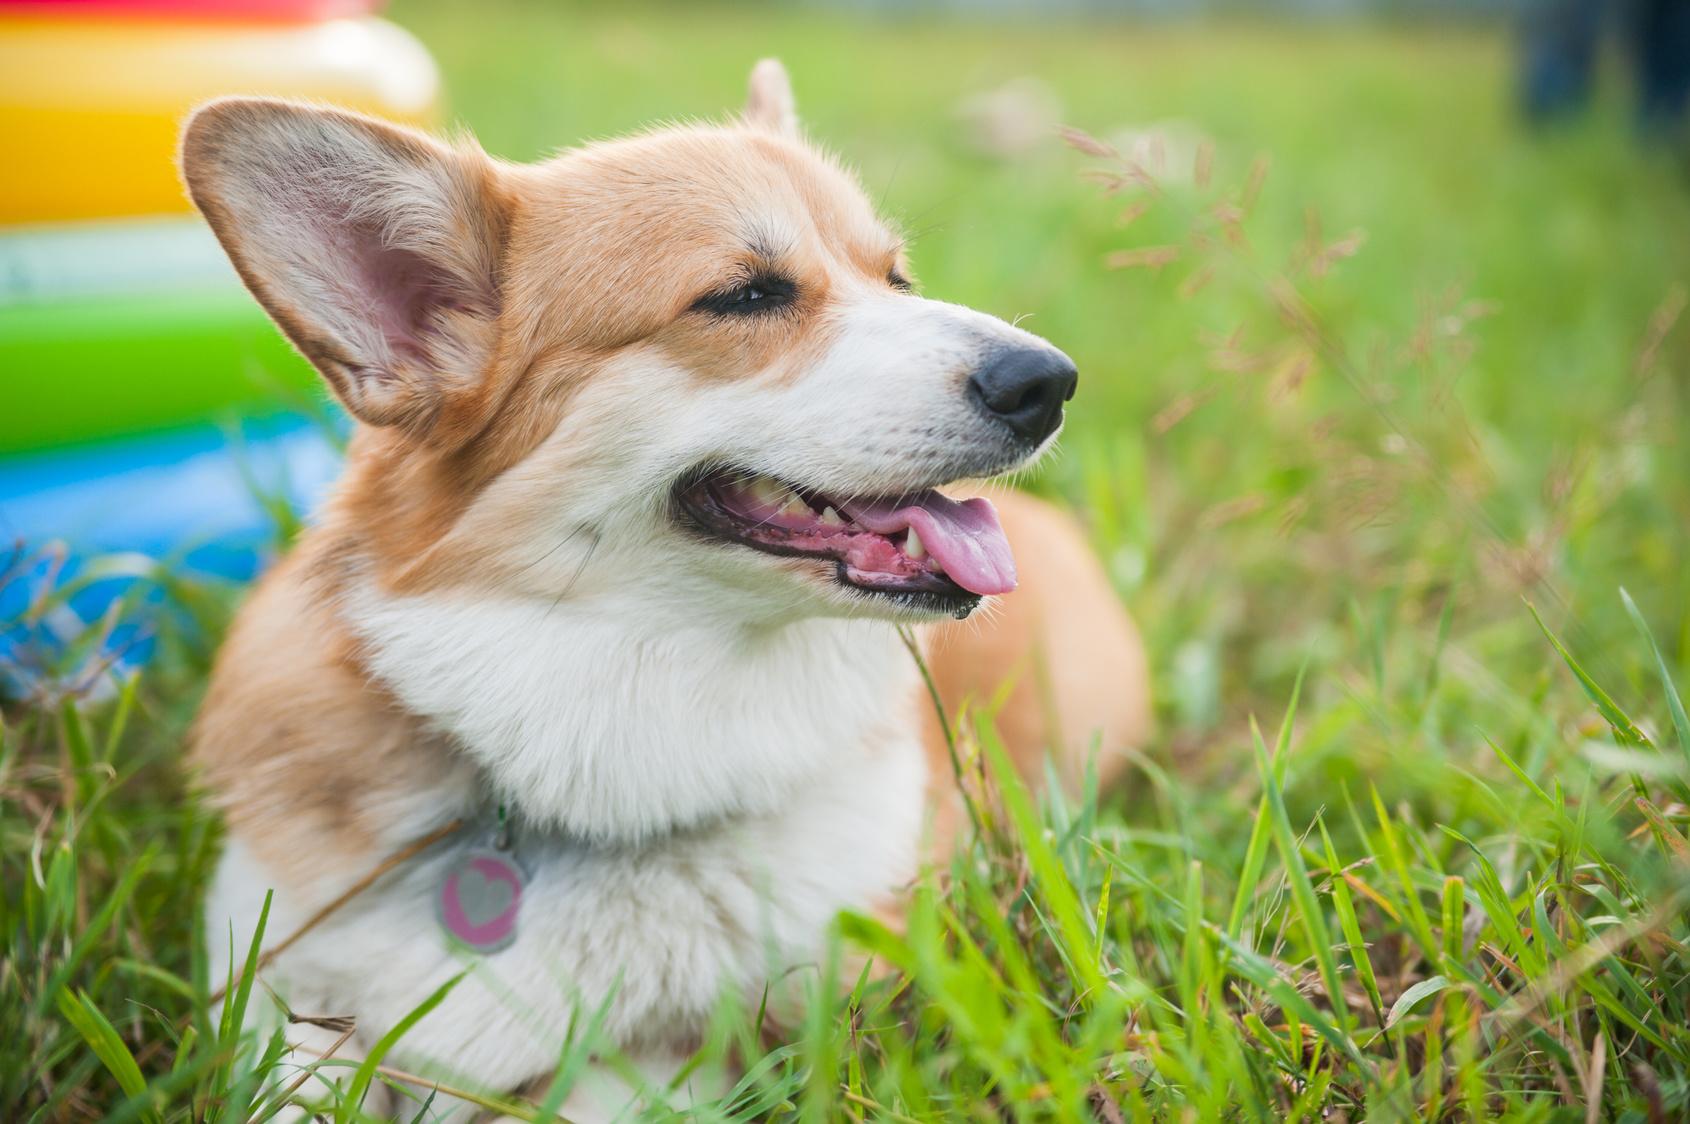 愛犬と温泉旅行に行きたい!愛犬といっしょに温泉に入れる温泉宿3選